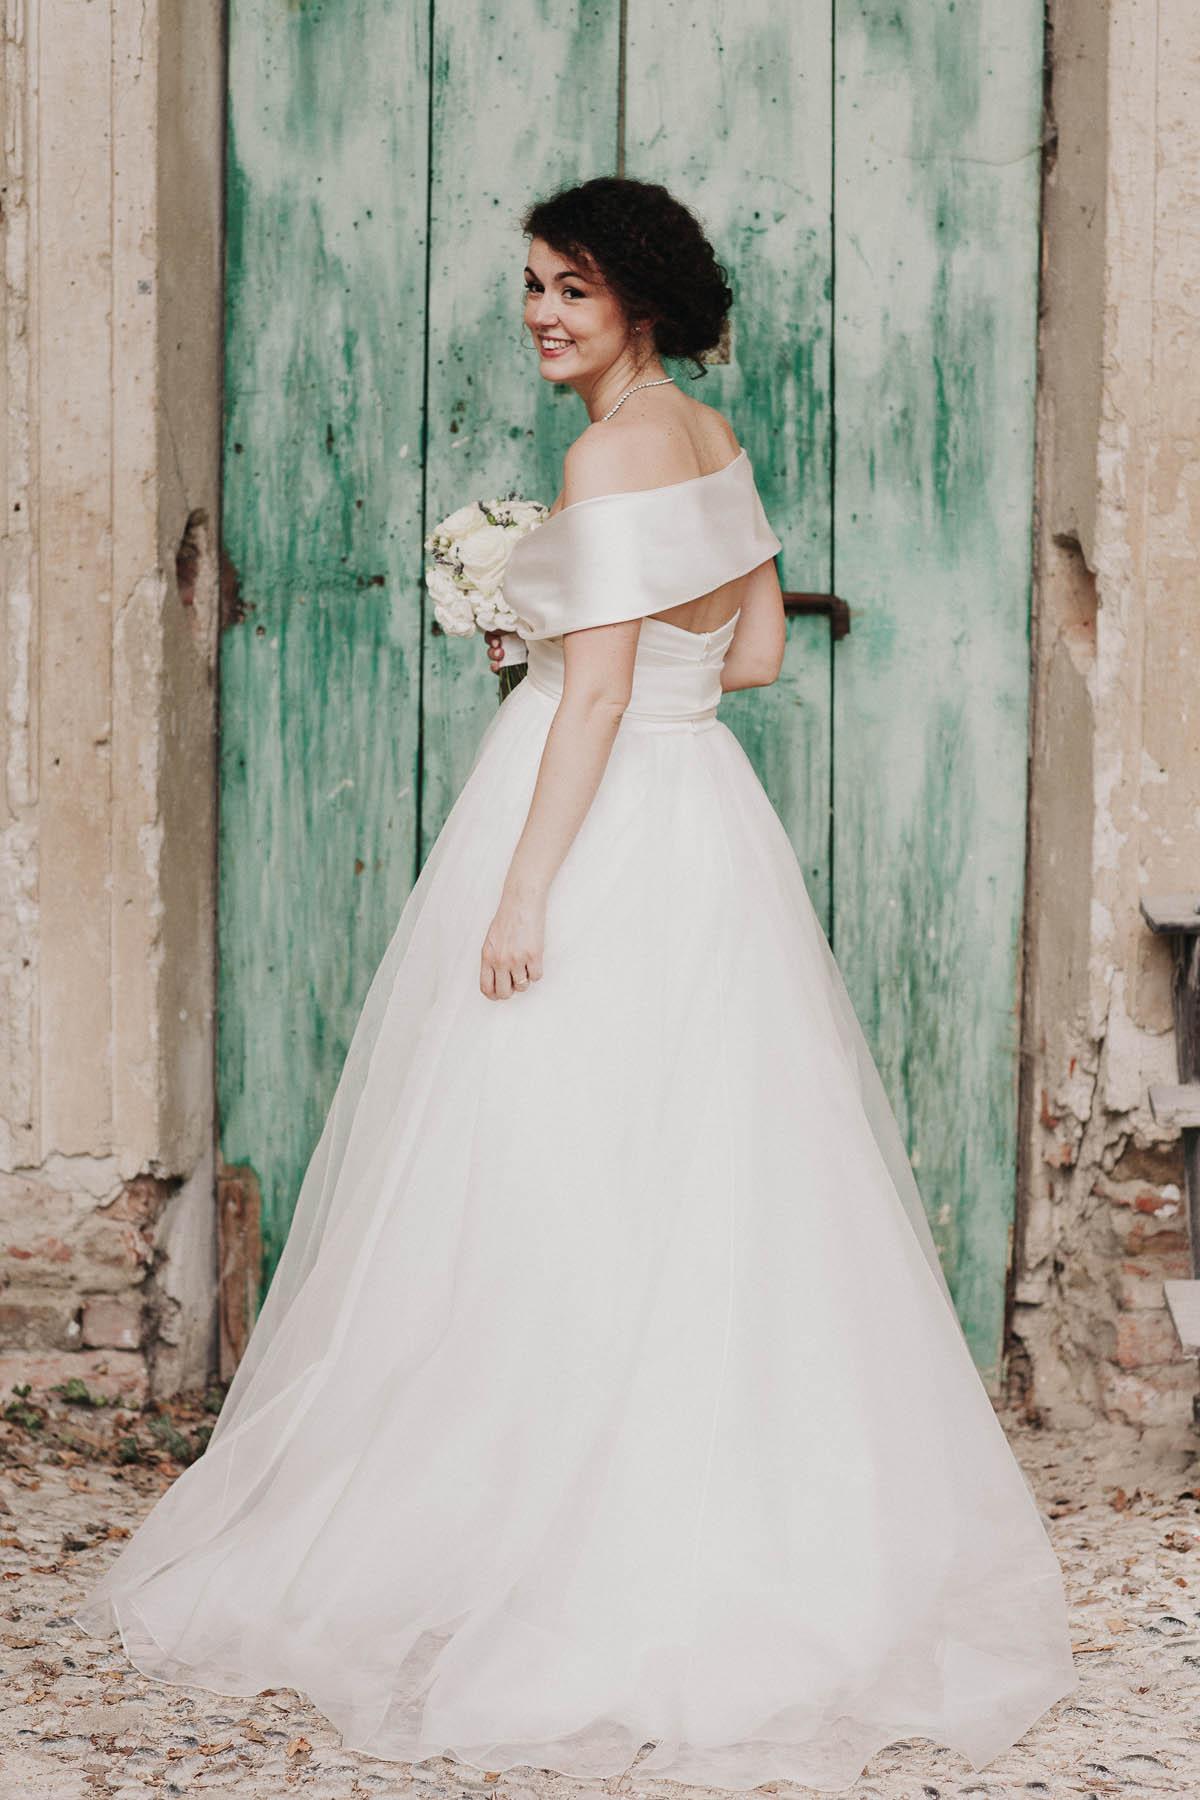 matrimonio provenzale al castello di san sebastiano | isi eventi 23